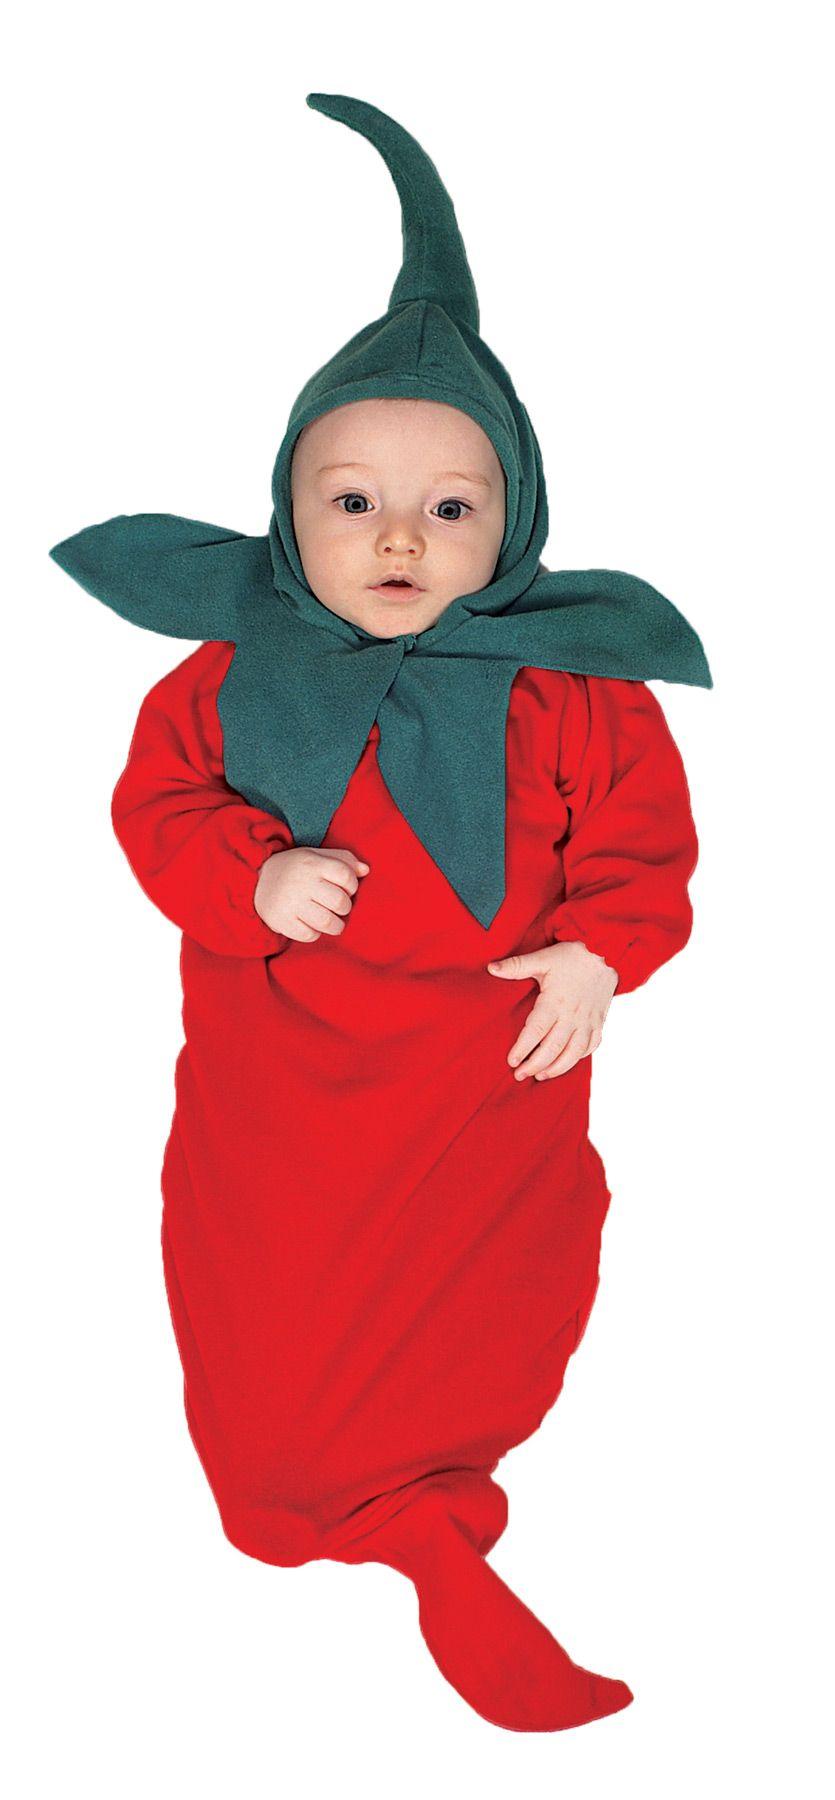 0d3aee4c7 Chili Pepper Bunting Newborn Baby Cute Costume